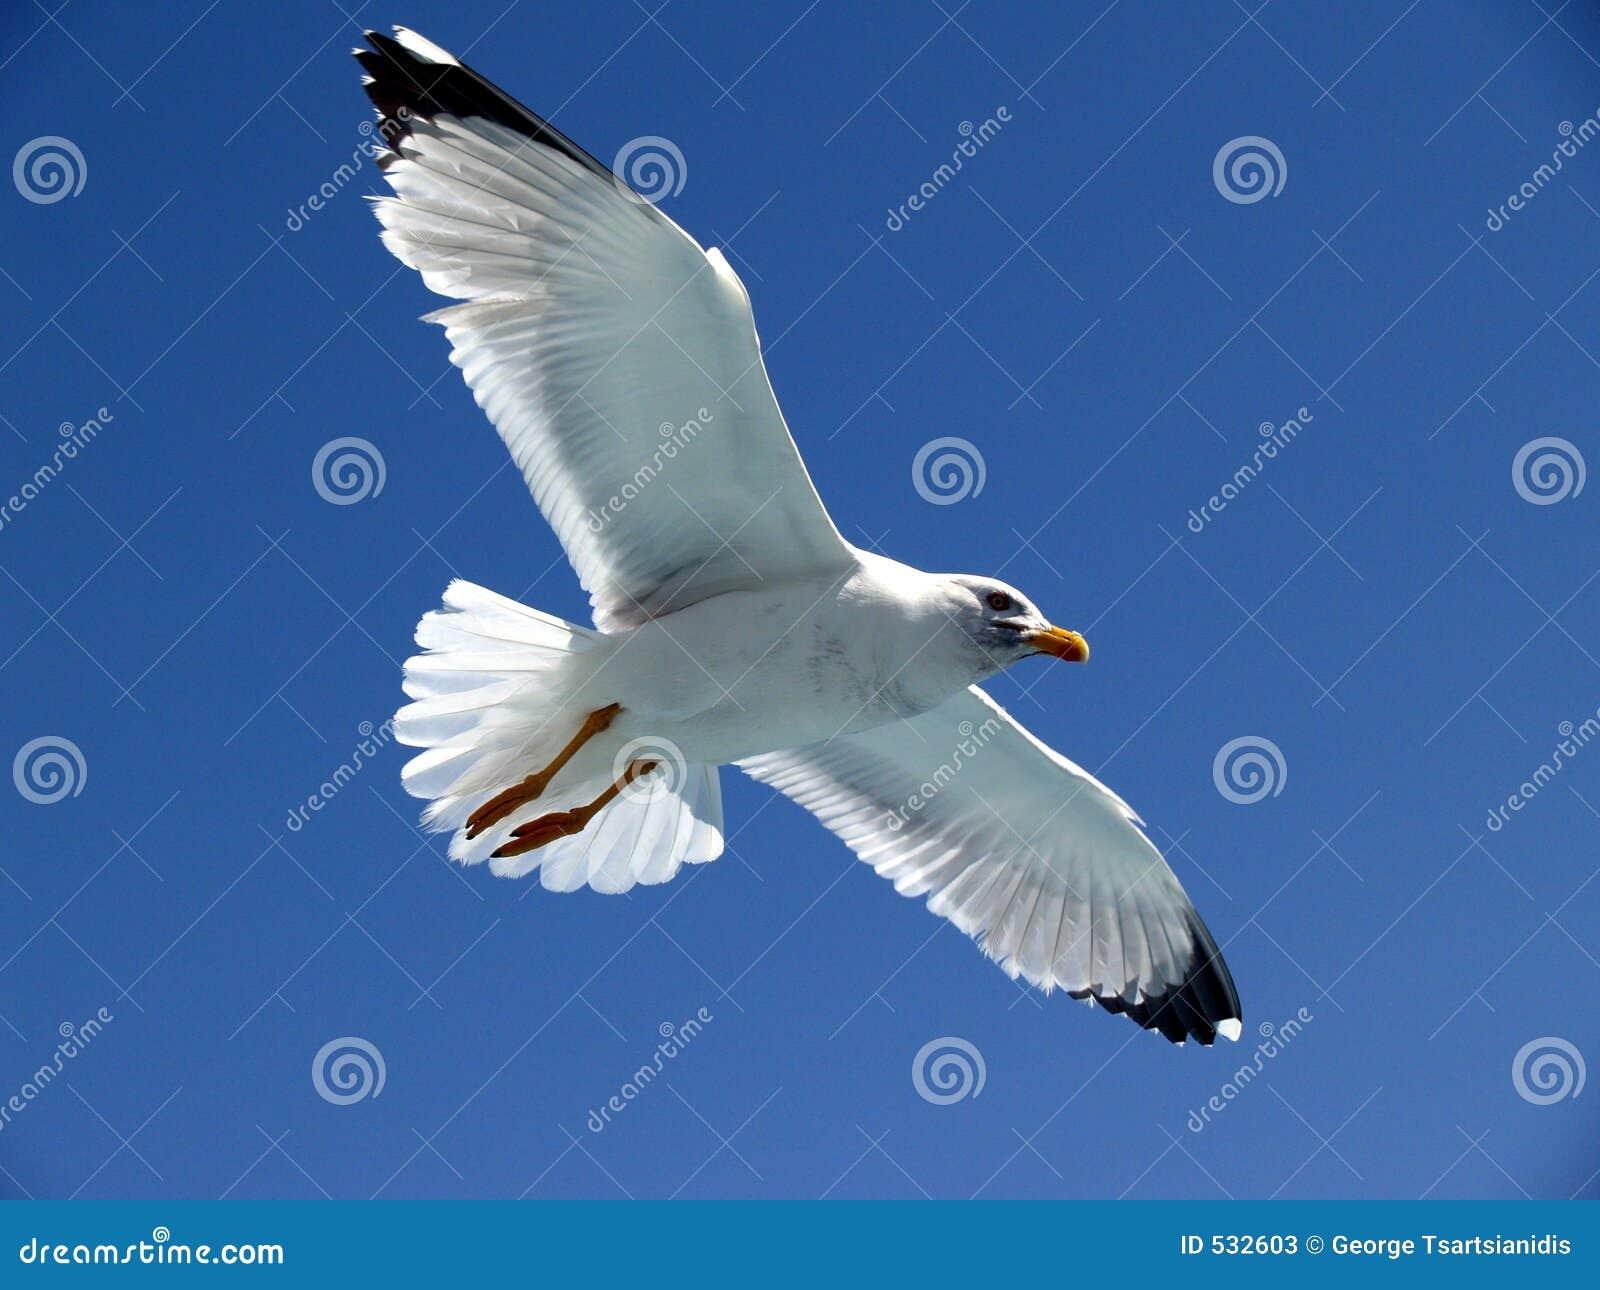 Download 海鸥 库存图片. 图片 包括有 鸟舍, 双翼飞机, 参见, 飞行, 开放, 喵喵叫 - 532603